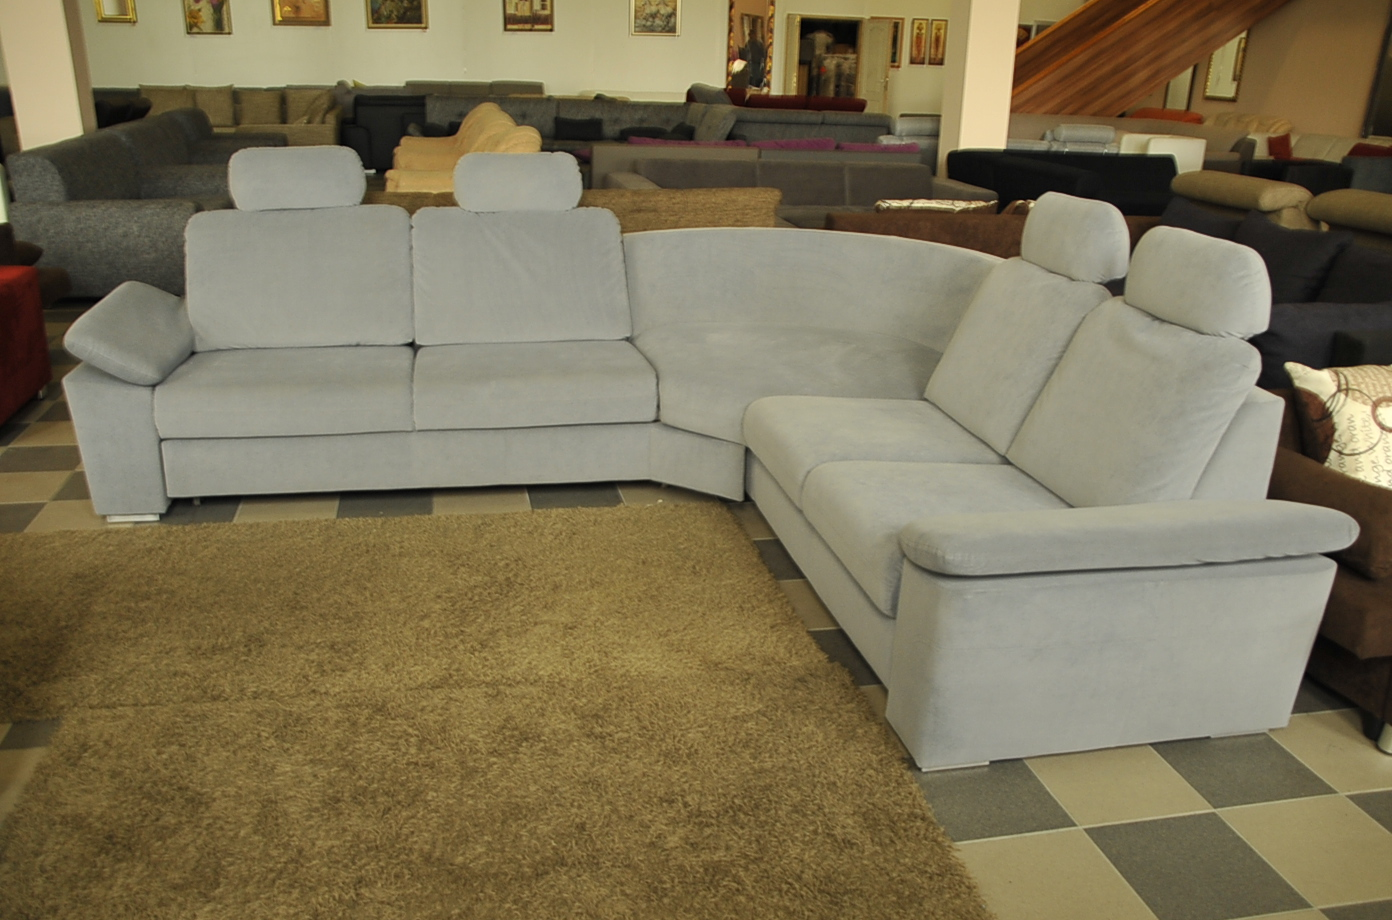 Monza sarok-kanapé - Akciós kanapé